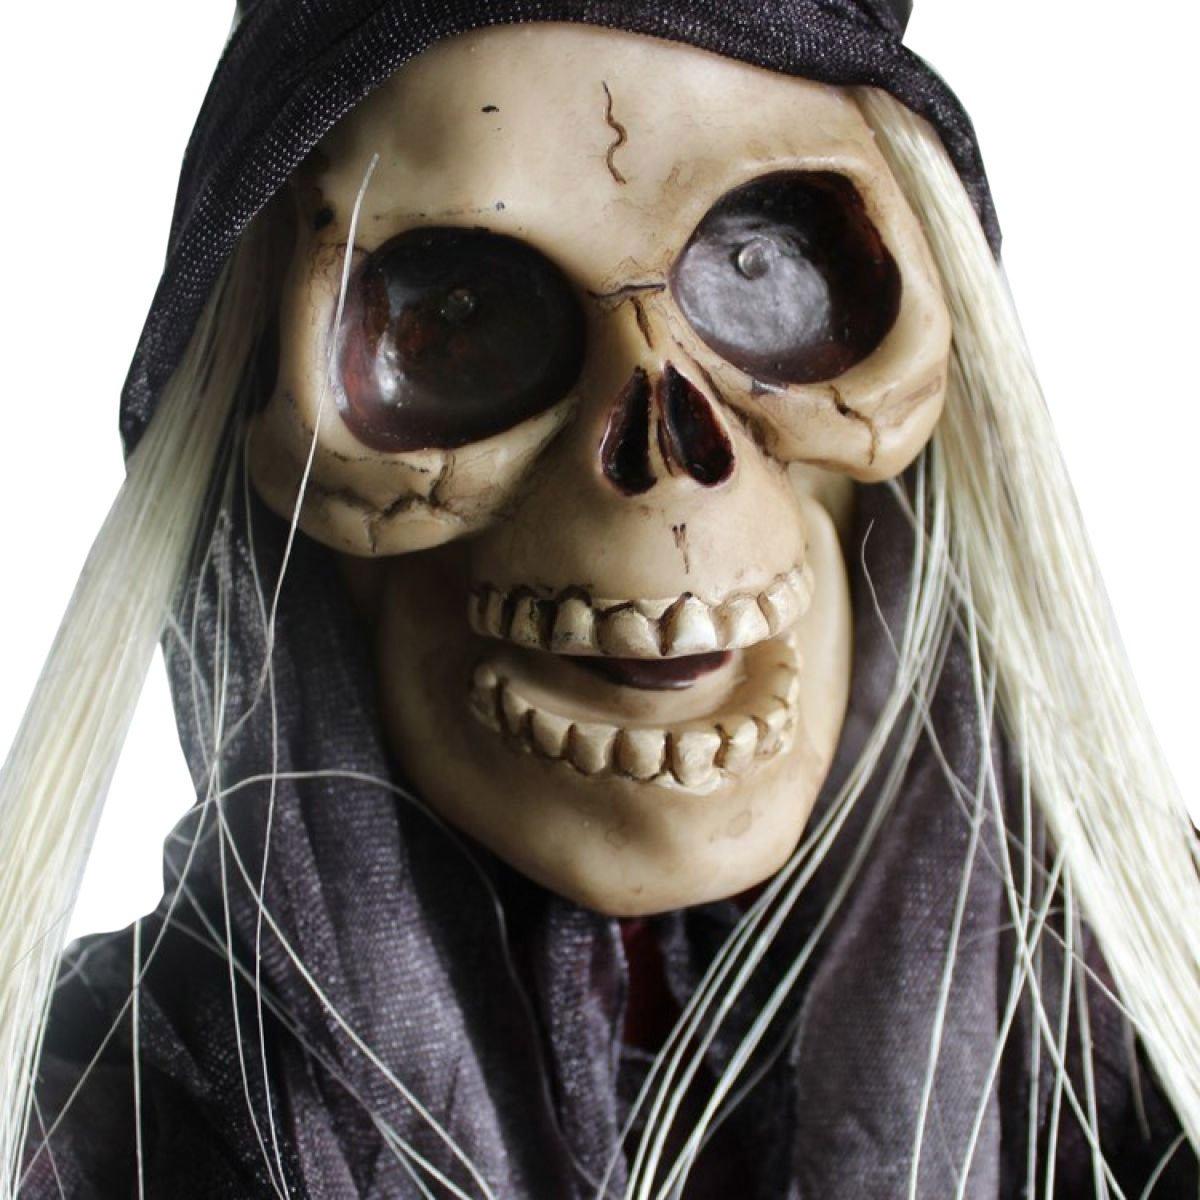 Nihiug Halloween Haunted House Ghosts Horror Geister Stimme Glow Ghosts Männer Zerfall Zombie Maske Mit Haaren,A